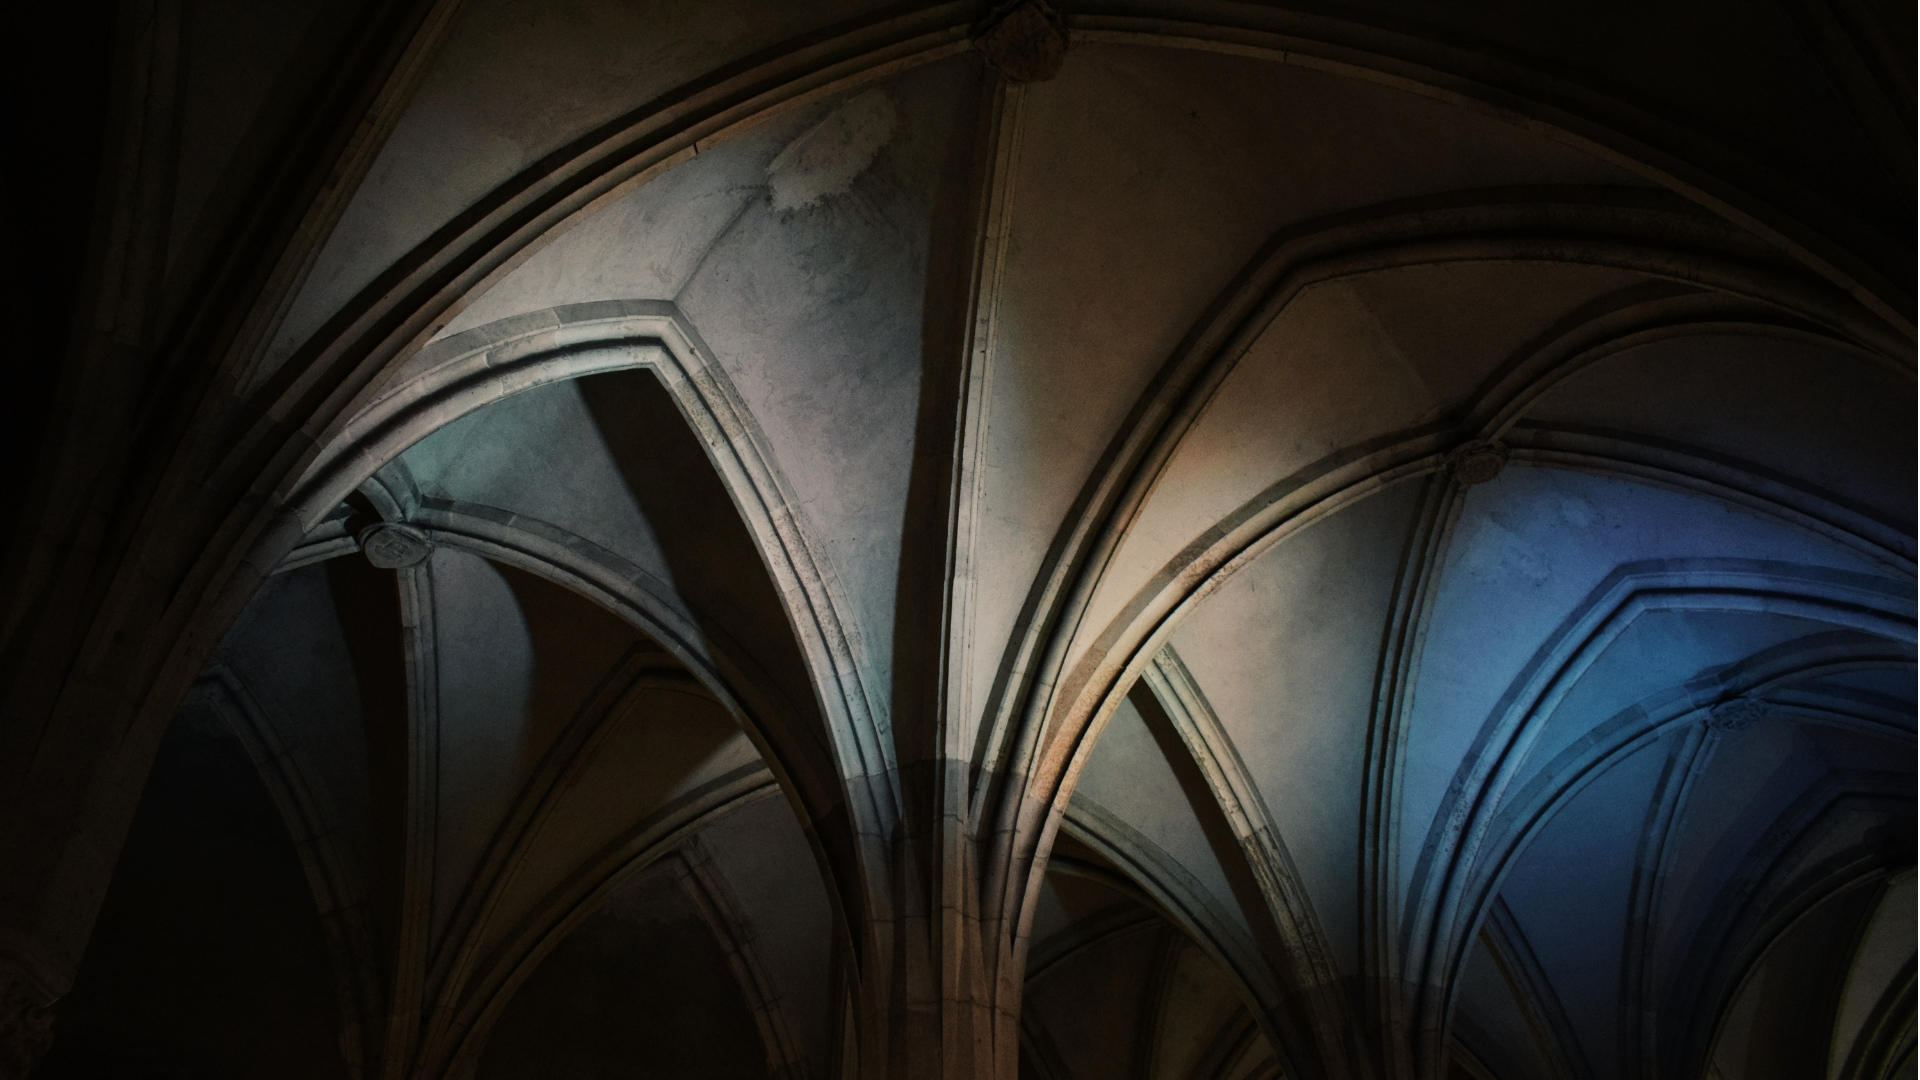 banner-through-a-bookcase-darkly-part-one-04.jpg